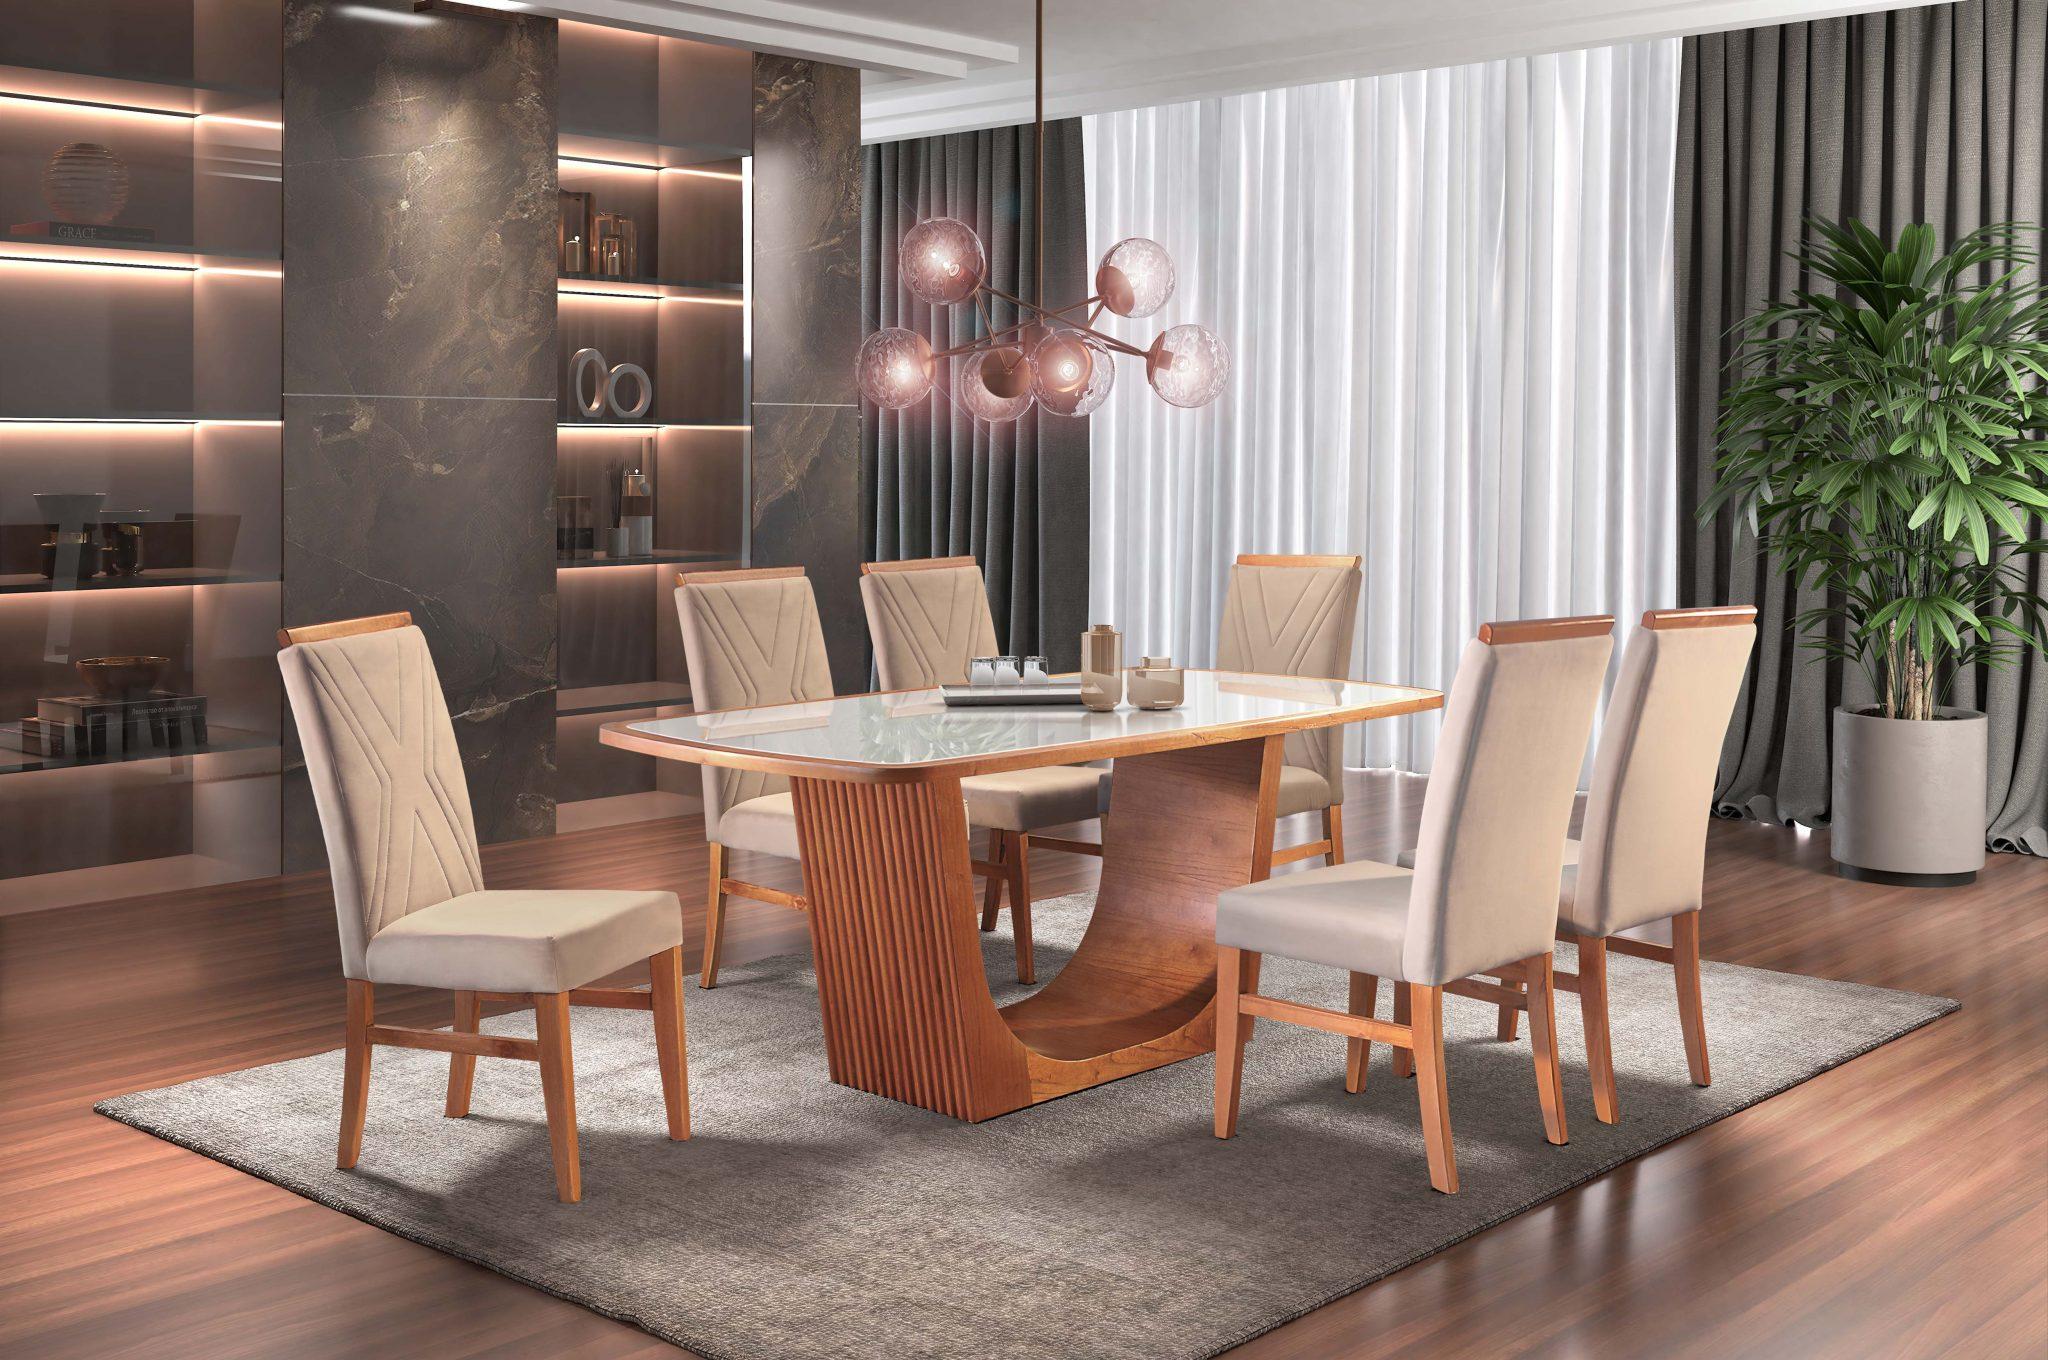 Mesa-KRV-490-e-Cadeiras-KR-052